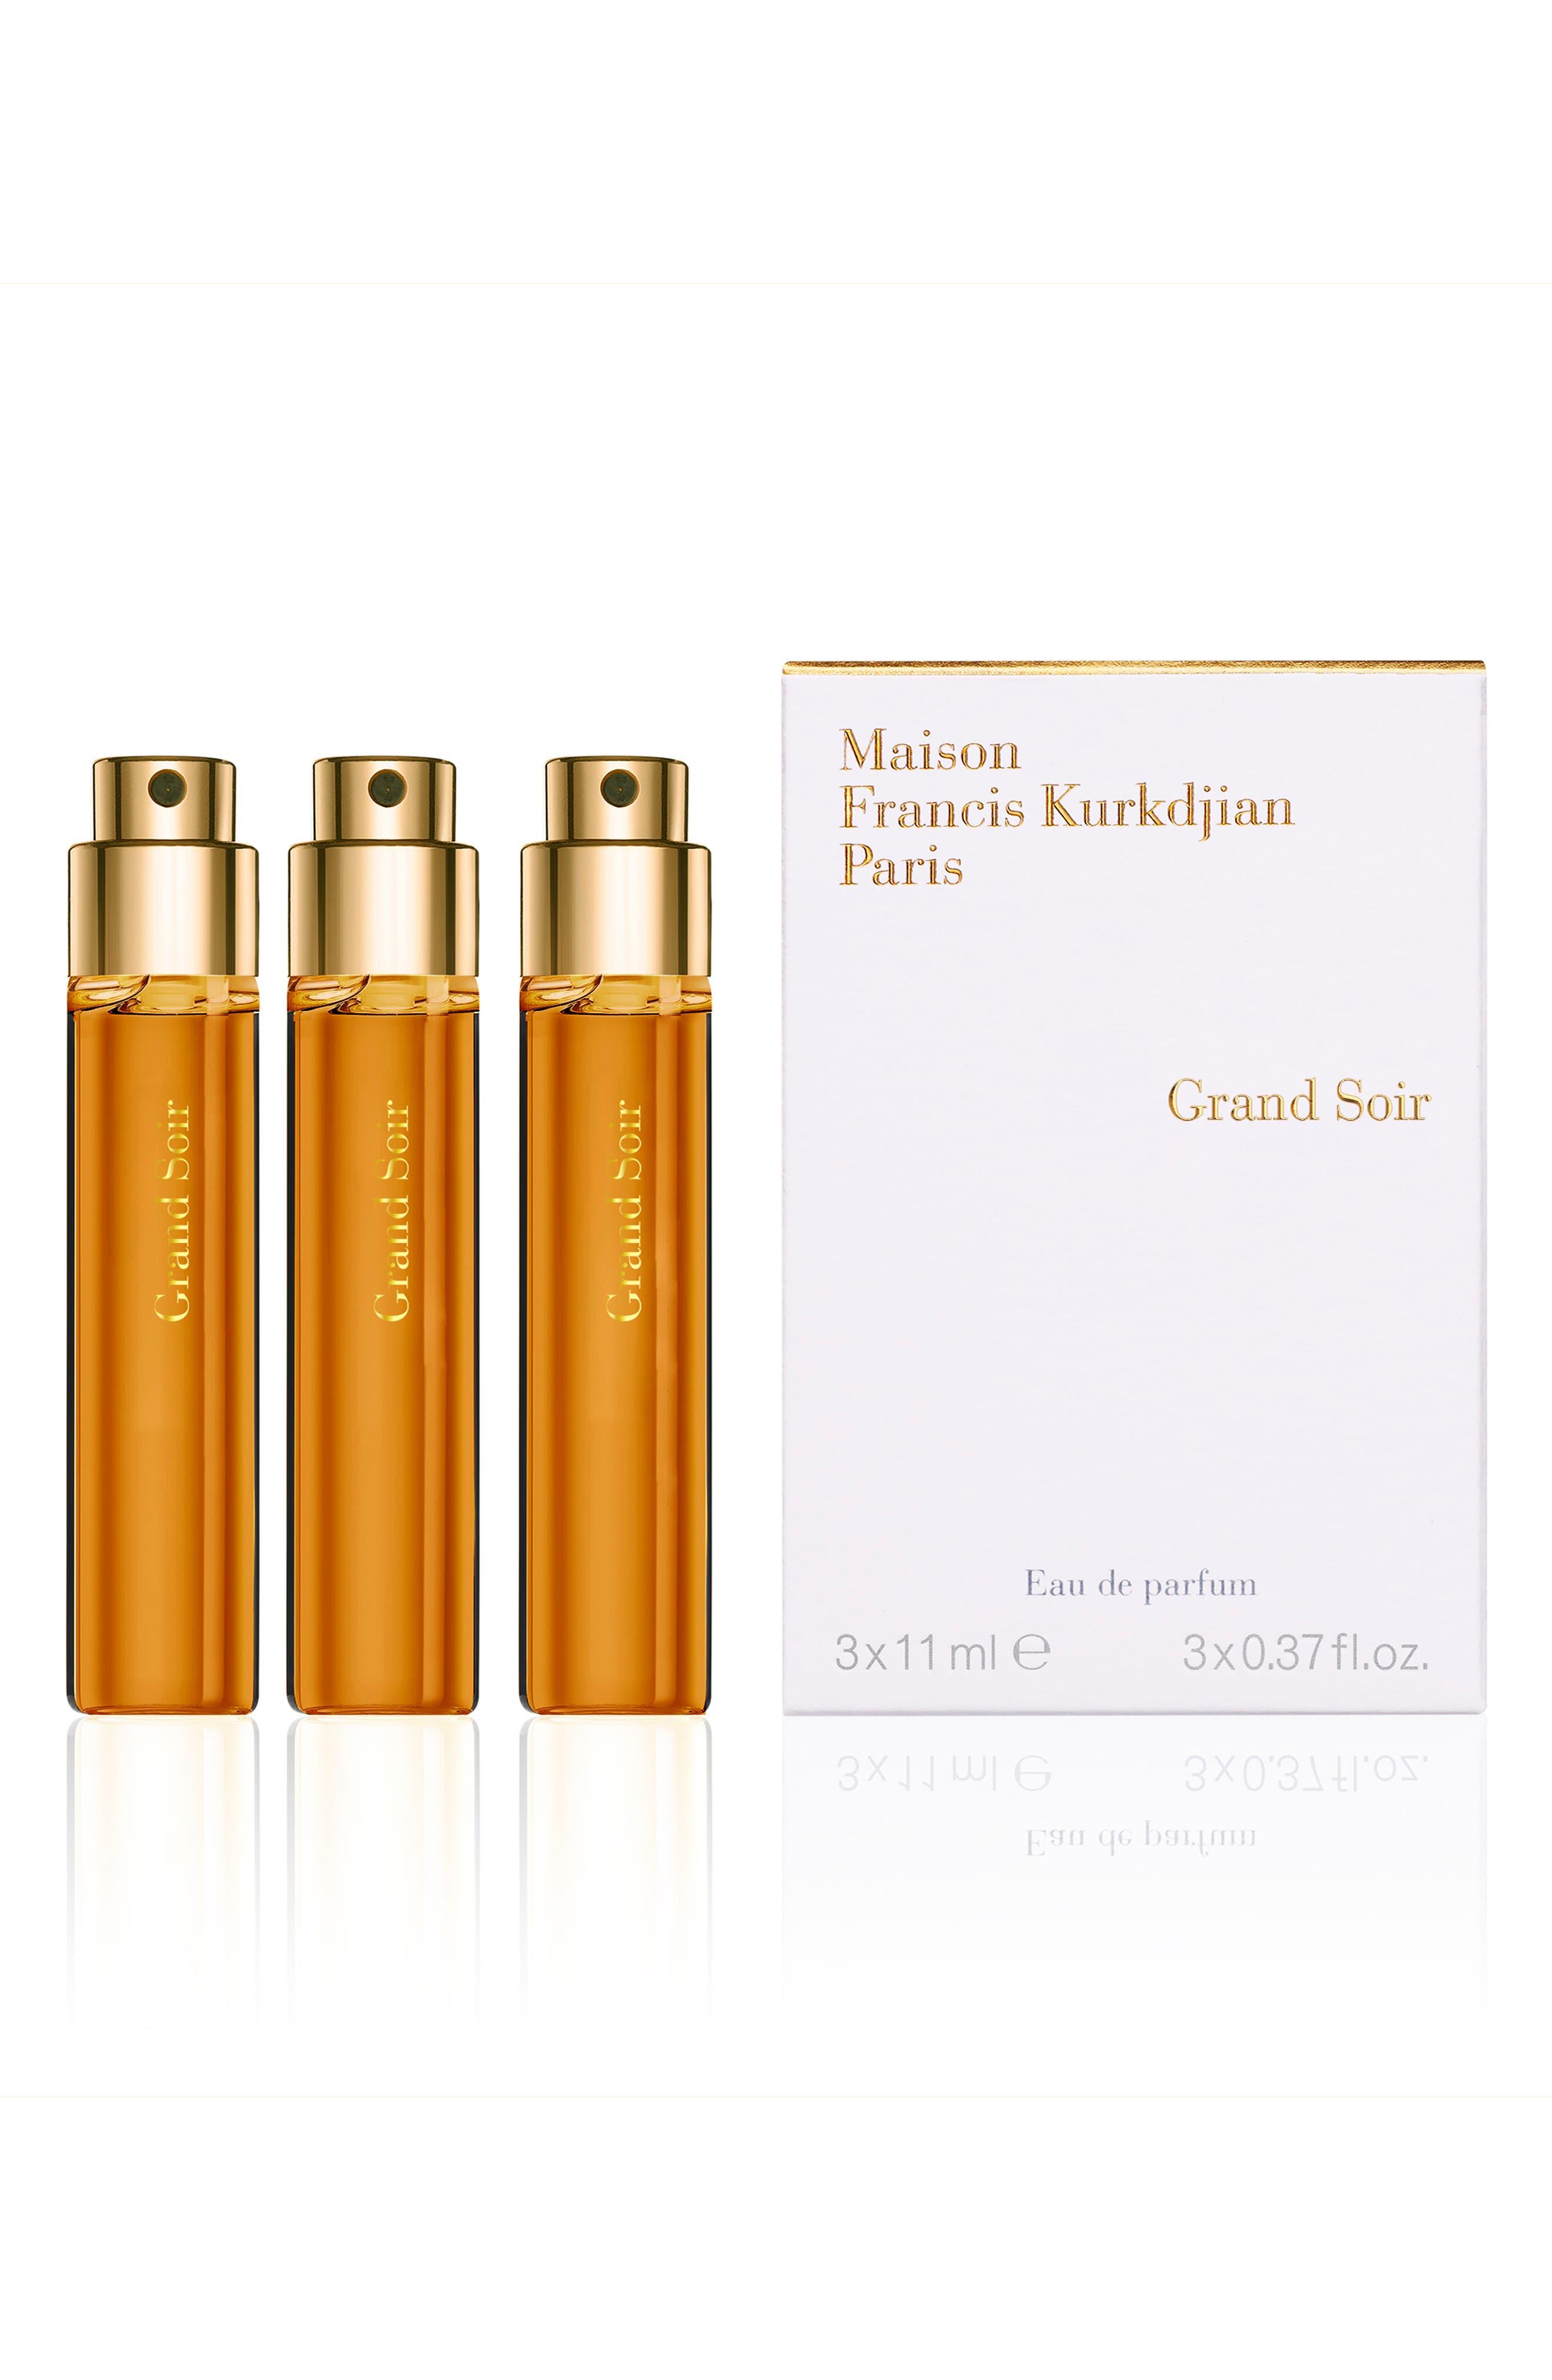 Paris Grand Soir Eau De Parfum Travel Spray Trio